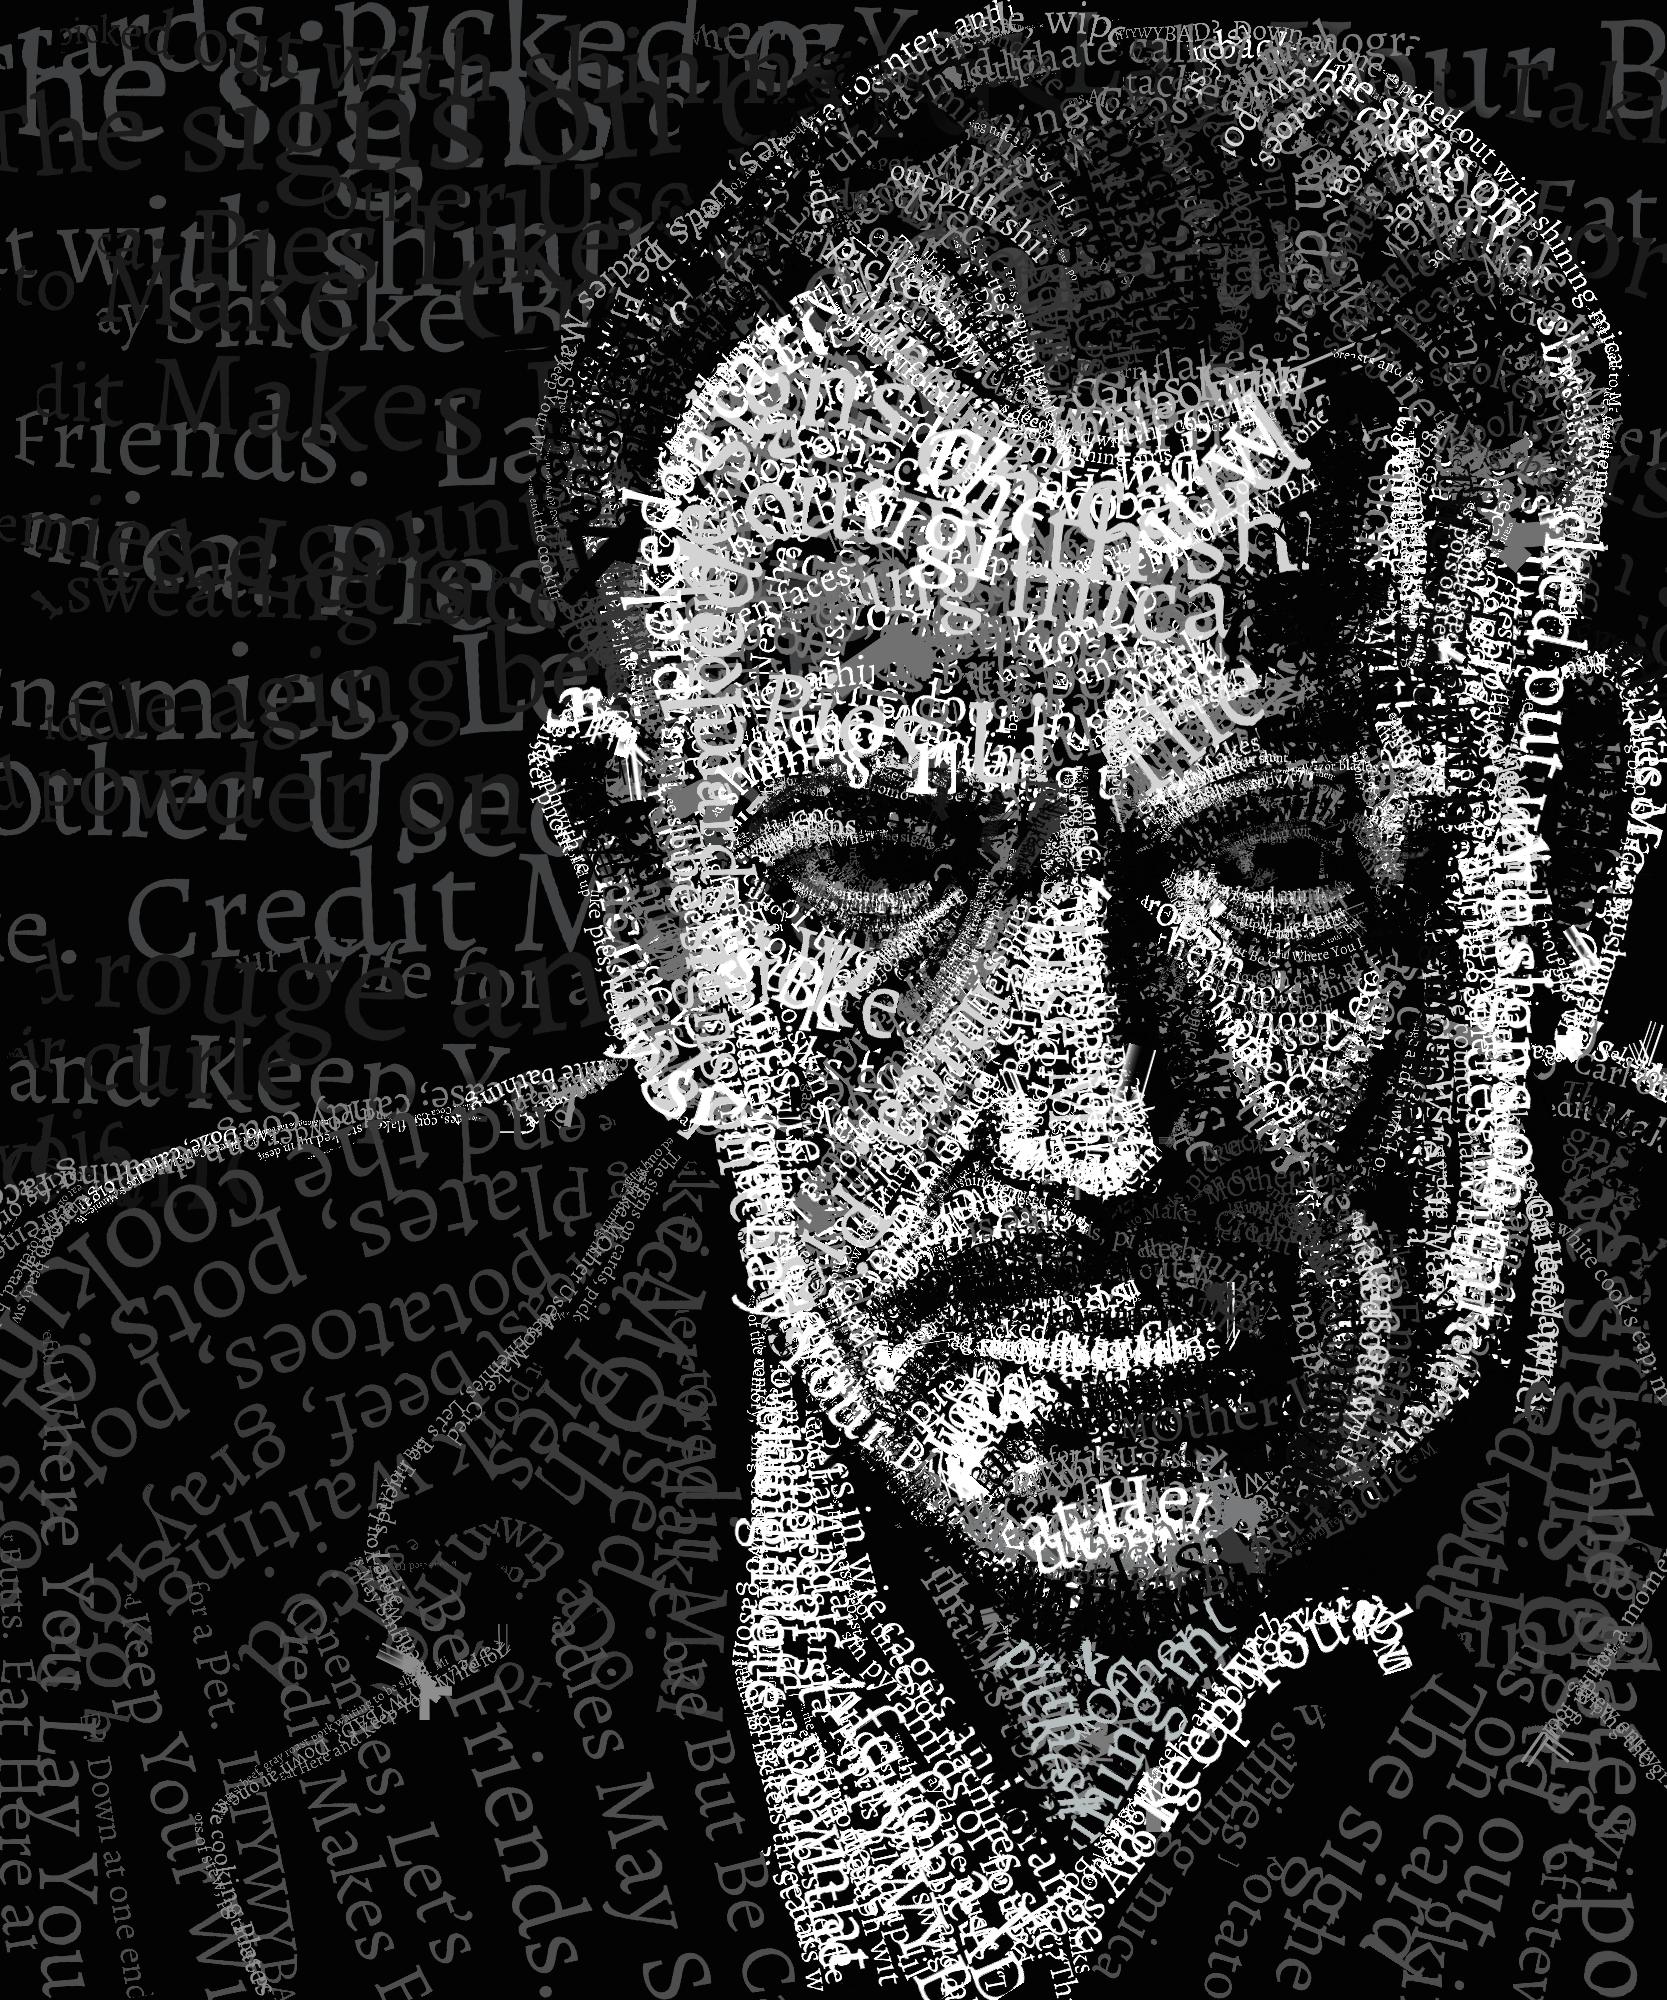 Steinbeck by mudimba